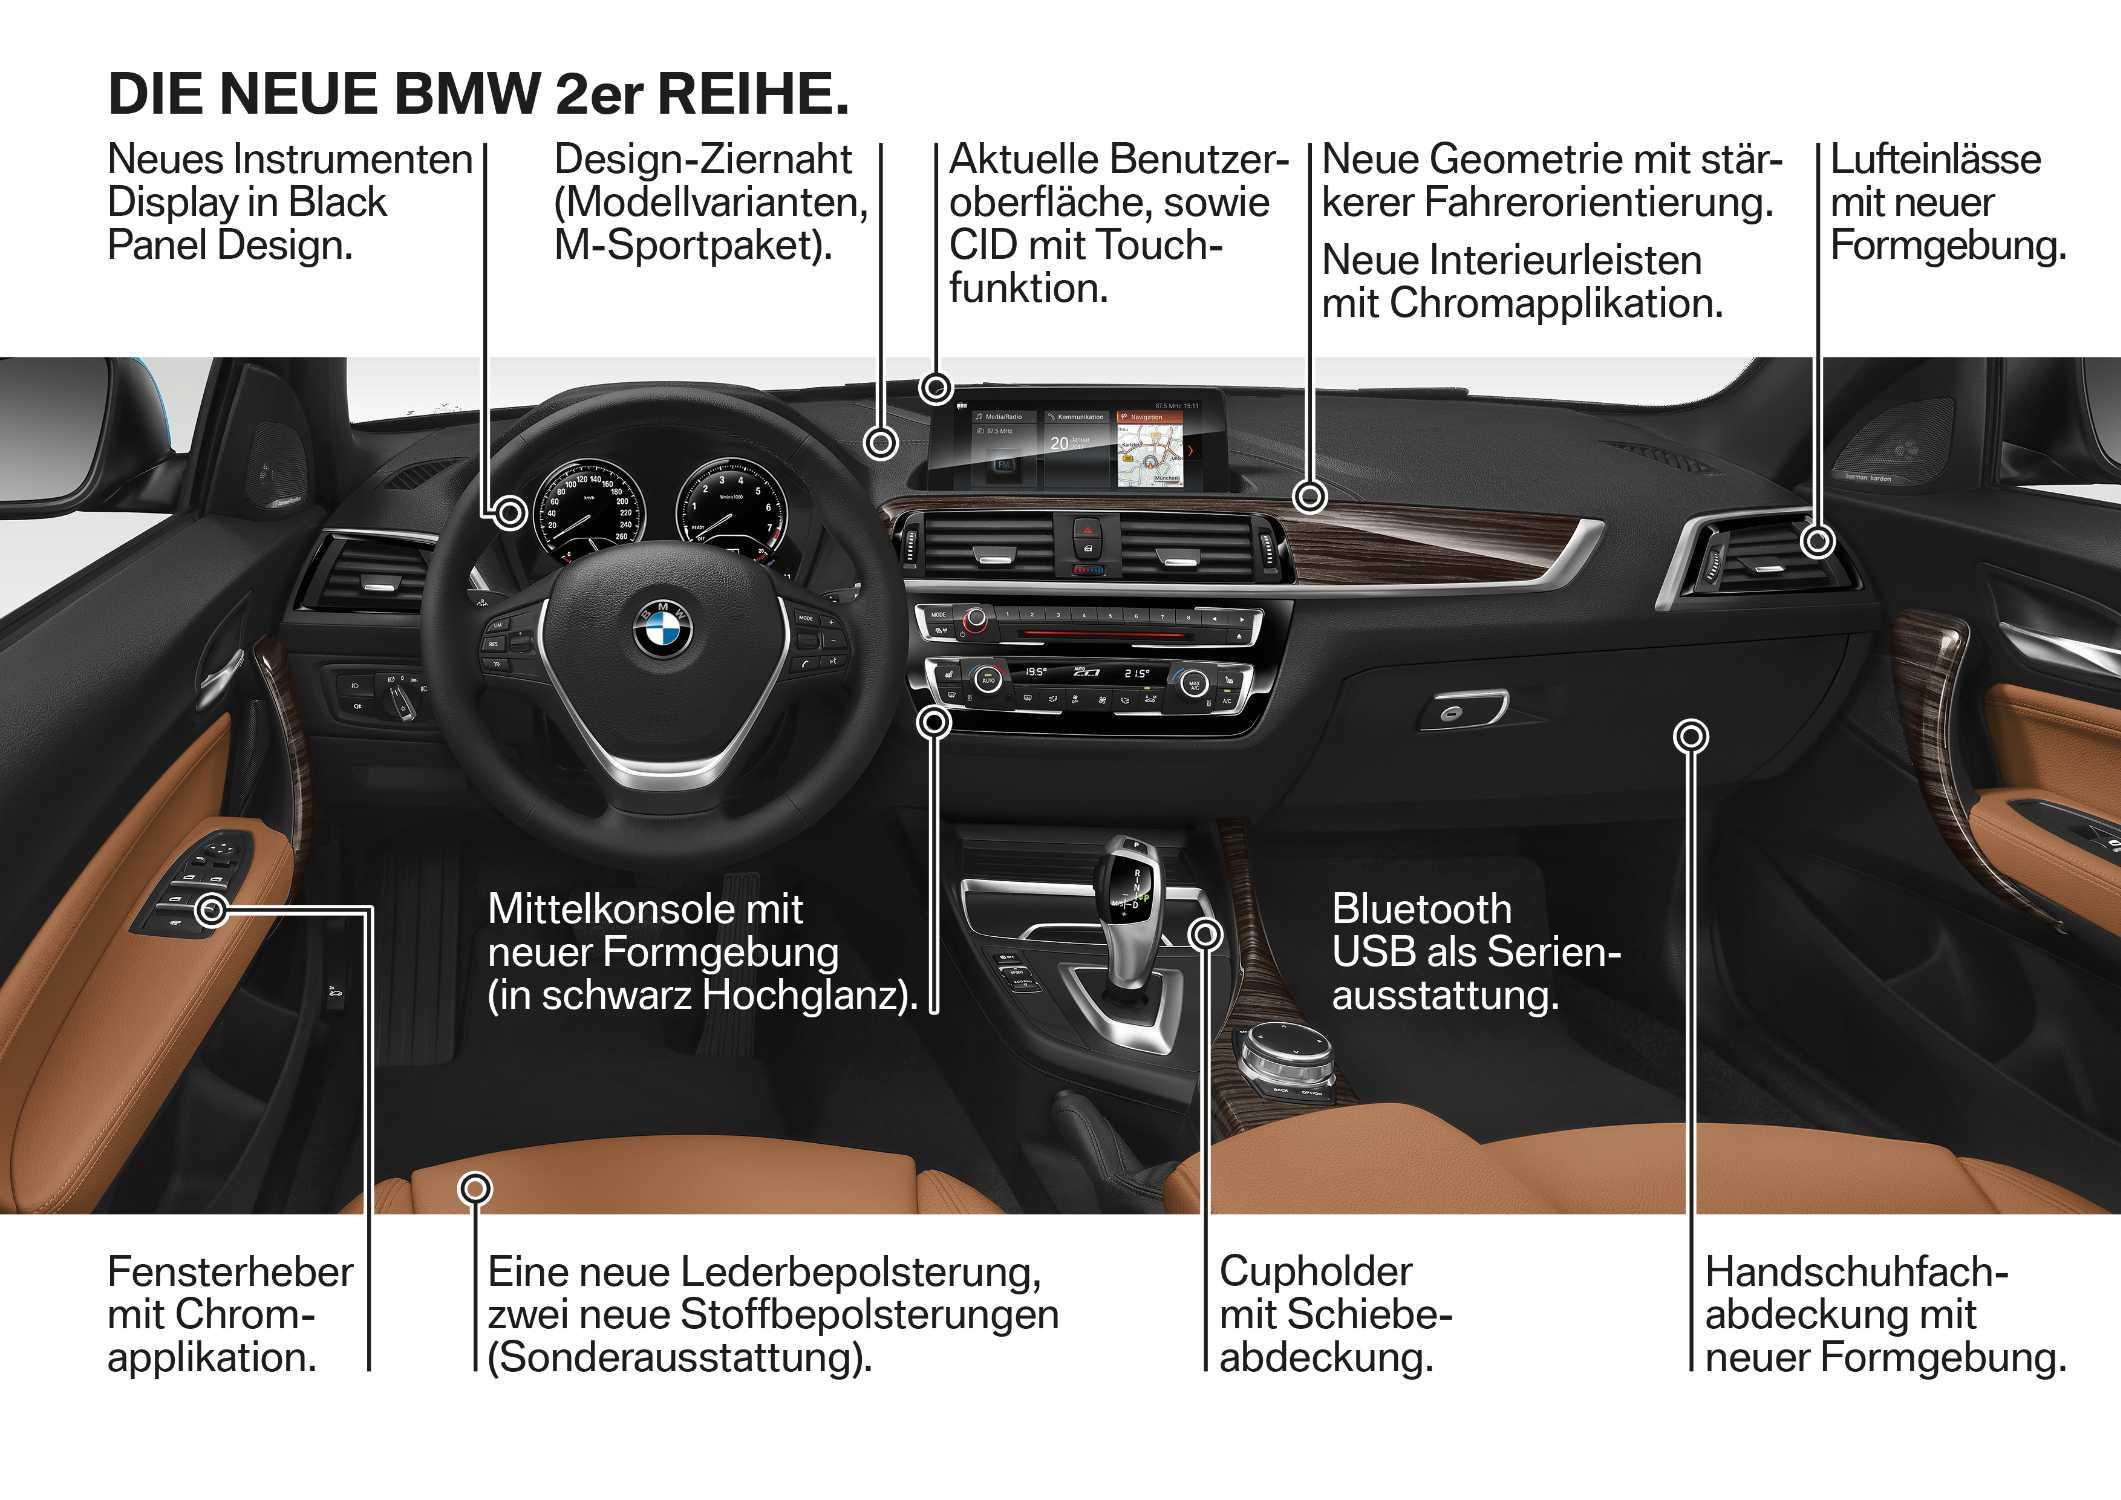 Die neue BMW 2er Reihe, Highlights (05/2017).